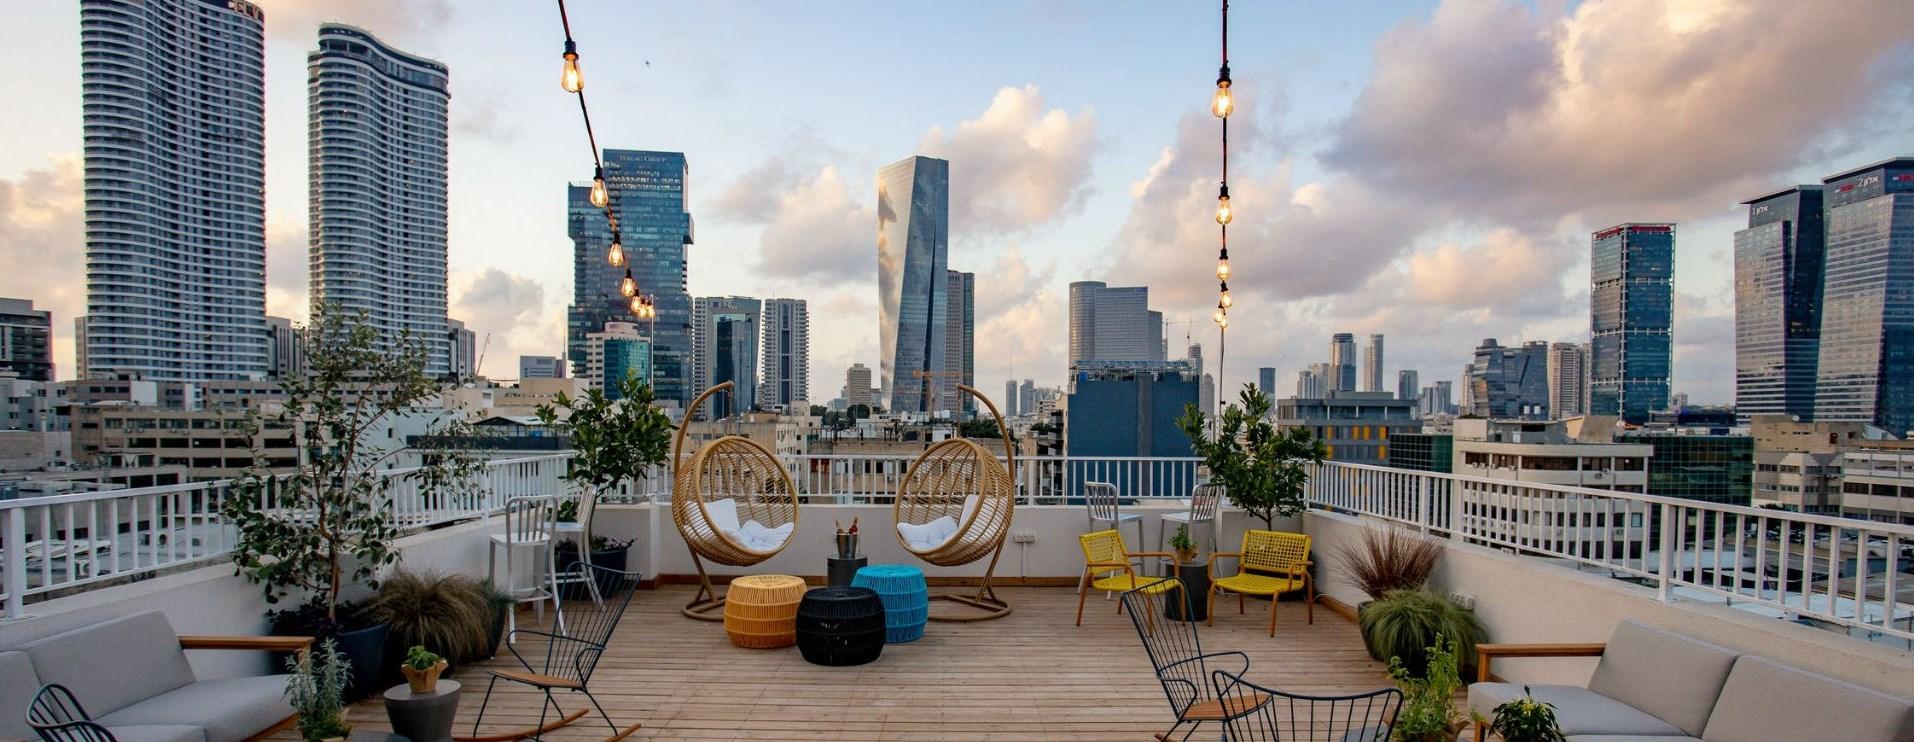 Best Hostels in Tel Aviv | Meet The Gia Hostel